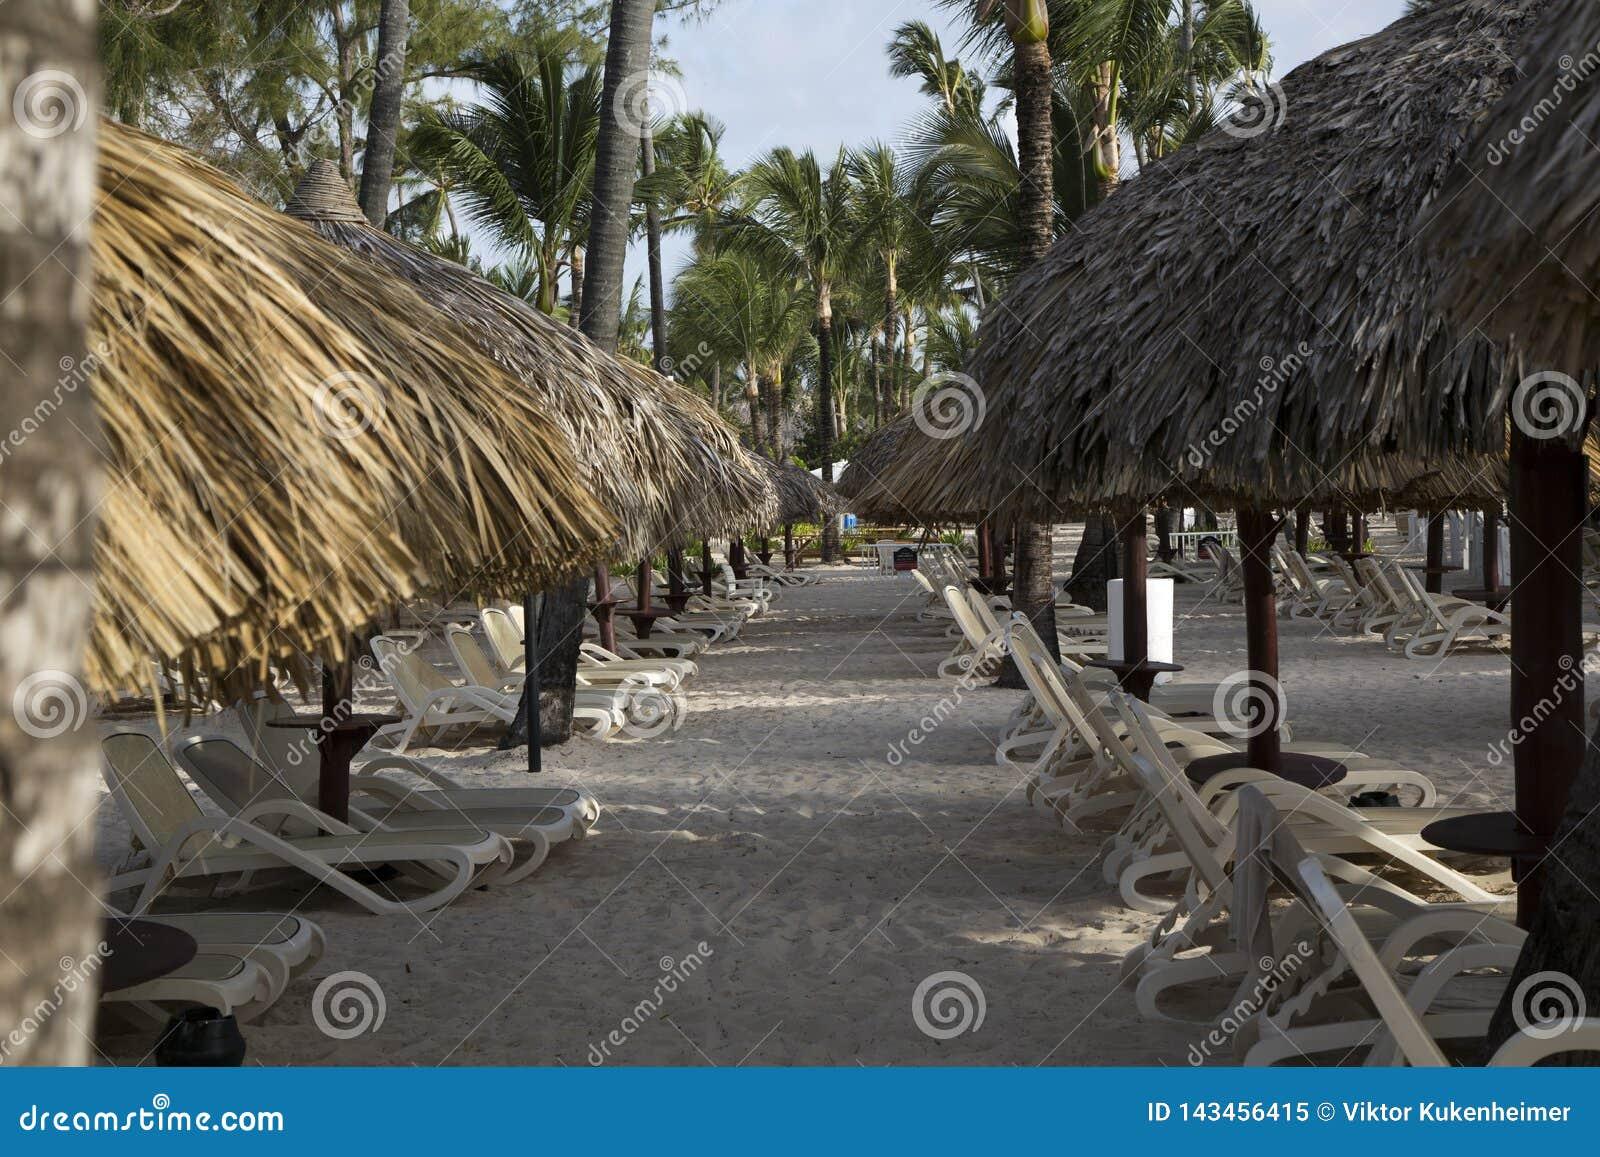 Wakacje morzem w republice dominikańskiej